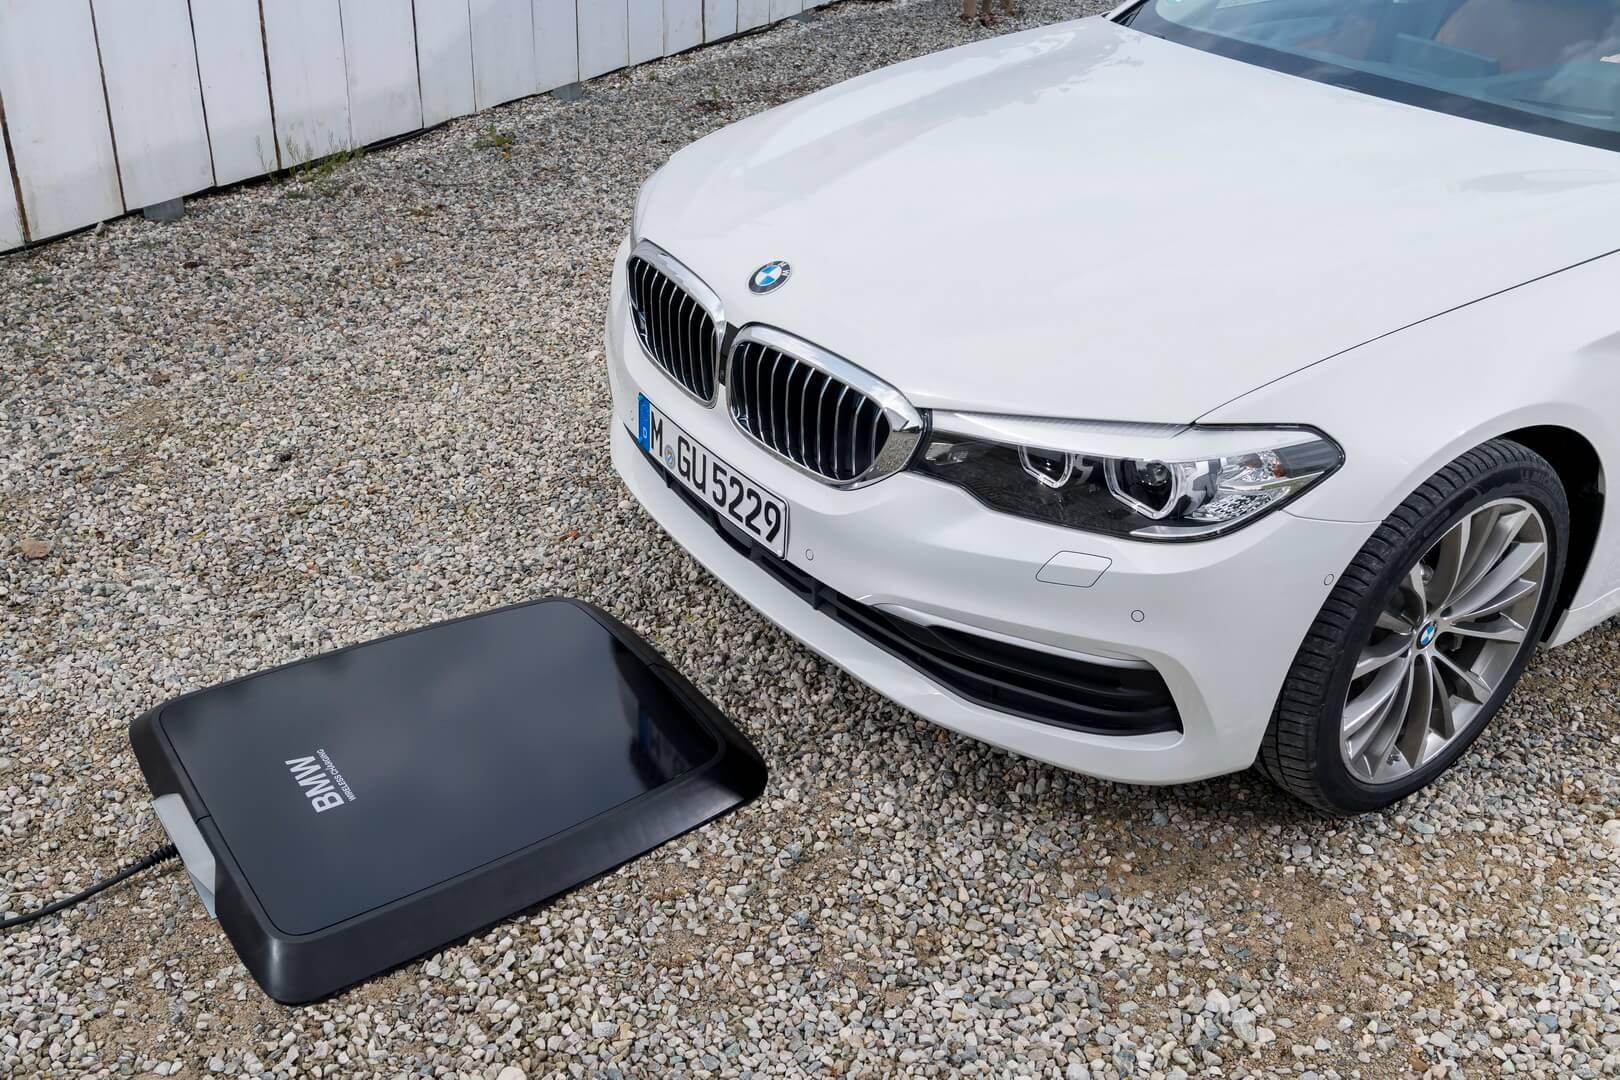 Беспроводная зарядка для плагин-гибрида BMW 530e iPerformance